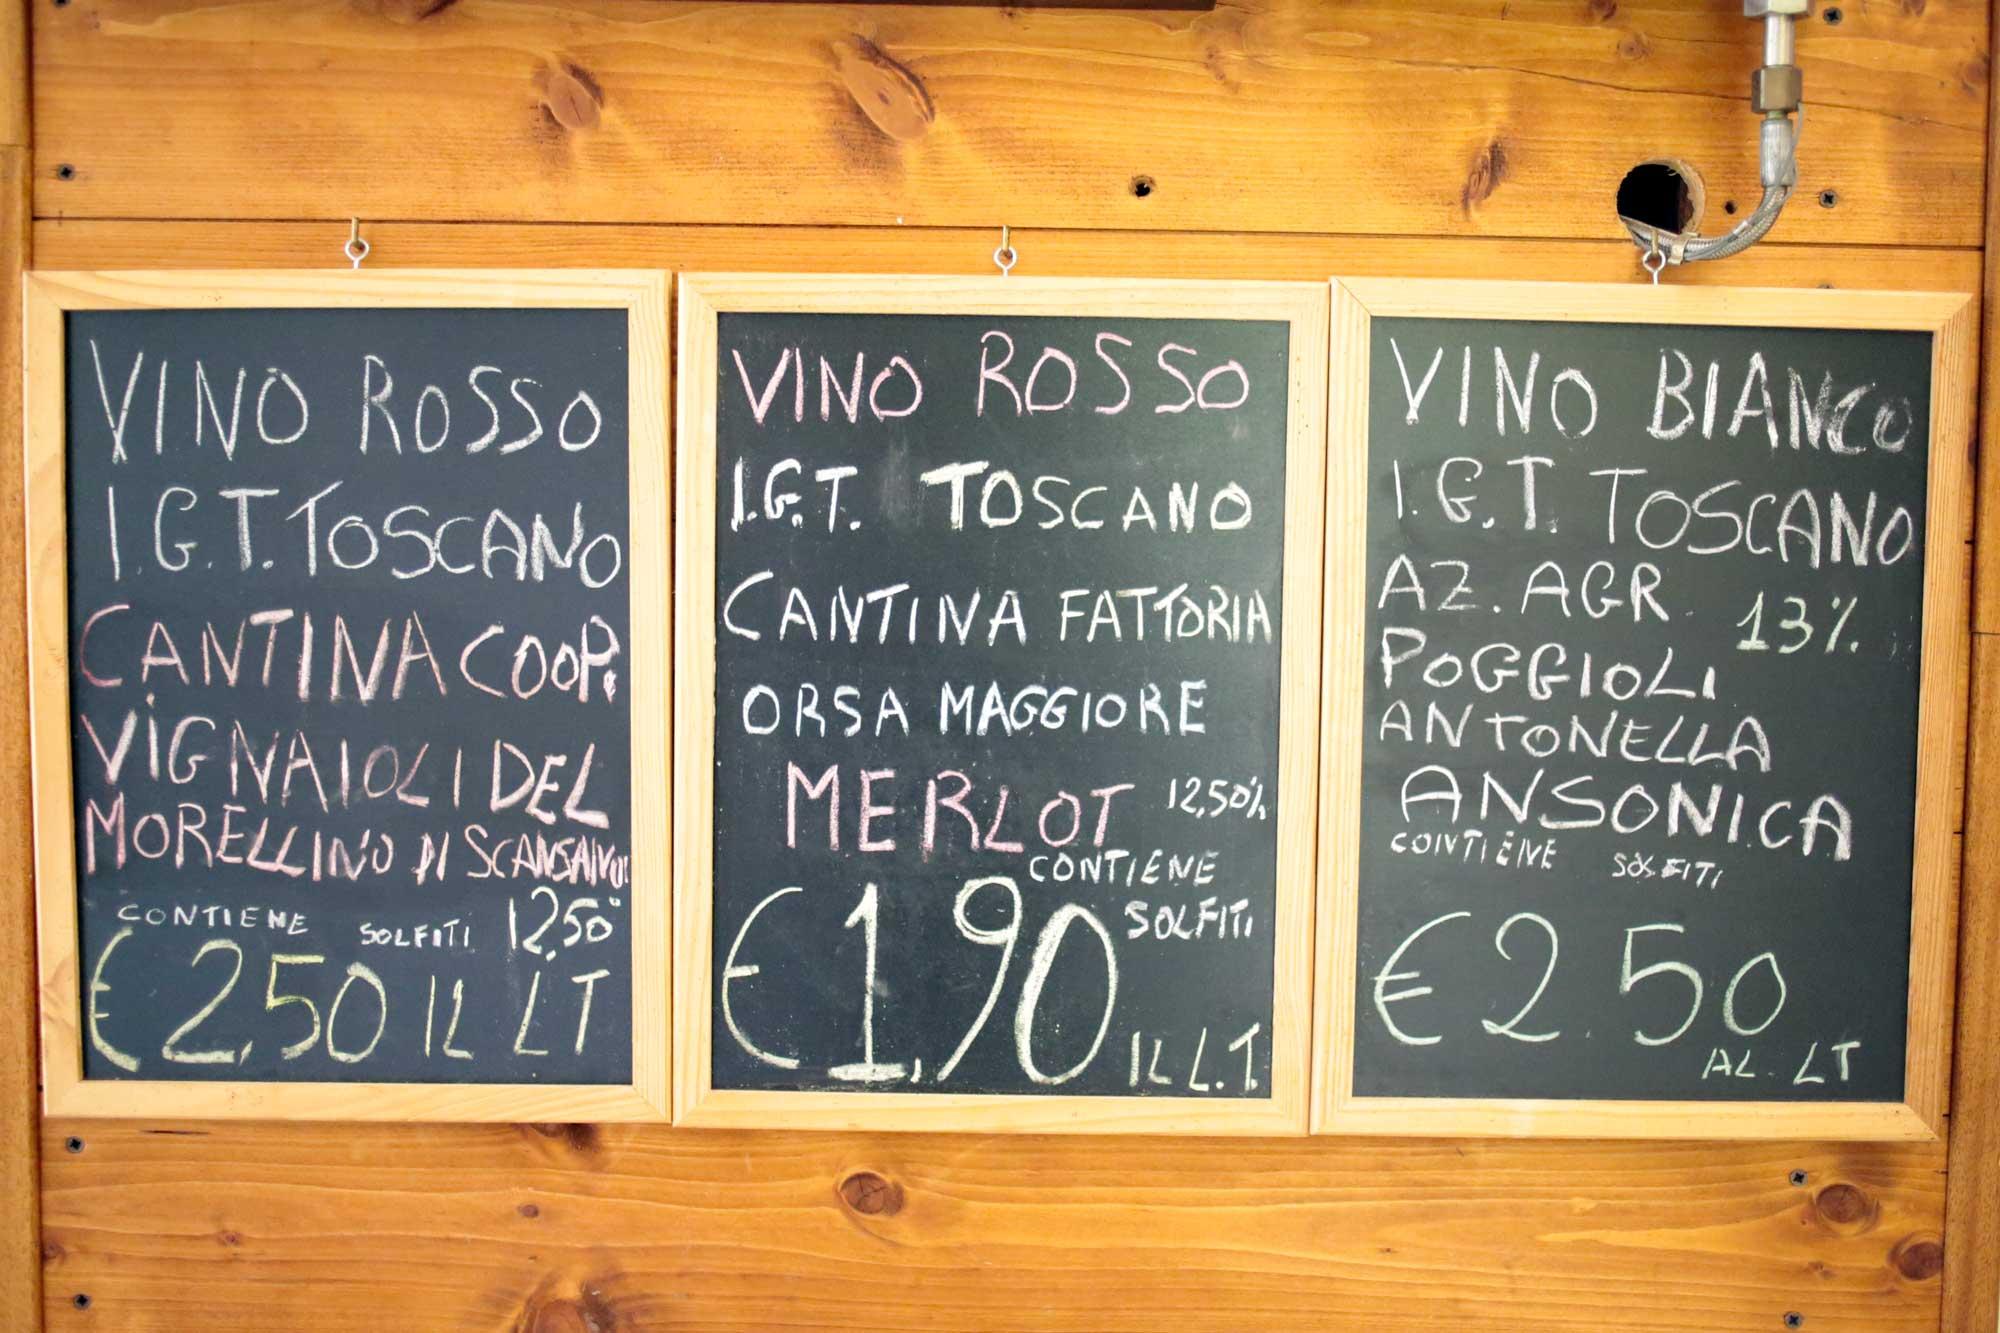 Vini toscani e prodotti toscani di qualità - I piaceri della Maremma